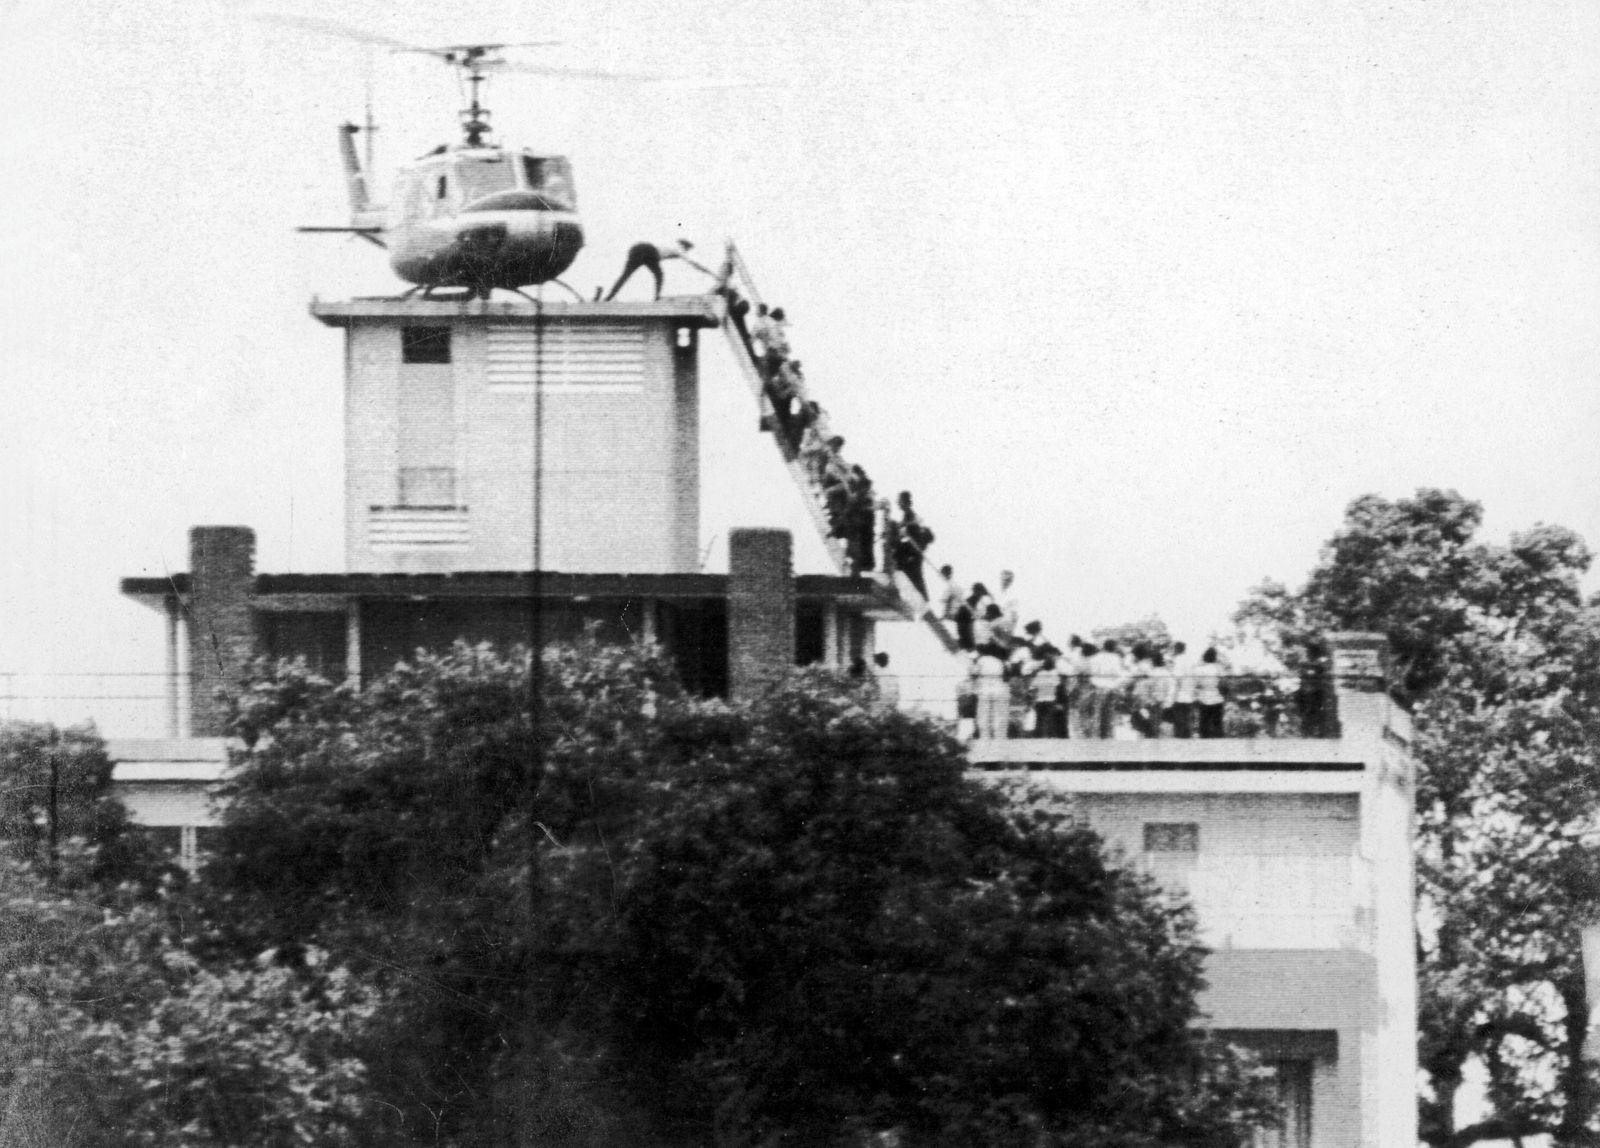 Air America Helikopter evakuiert in den letzten Stunden vor dem Fall Flüchtlinge aus Saigon PUBLIC